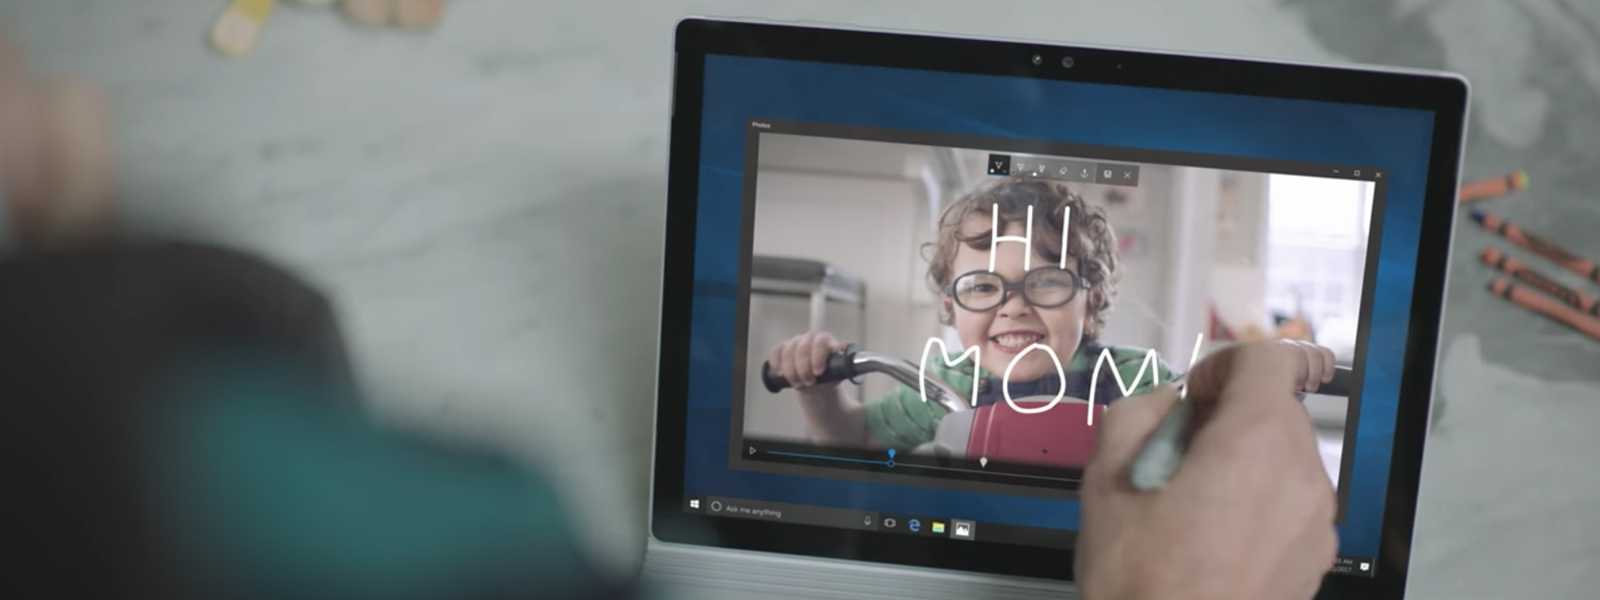 """Una donna con un portatile scrive del testo su un suo filmato con suo figlio. Le parole """"Hi Mom"""" appaiono sull'immagine di un bambino su un triciclo"""